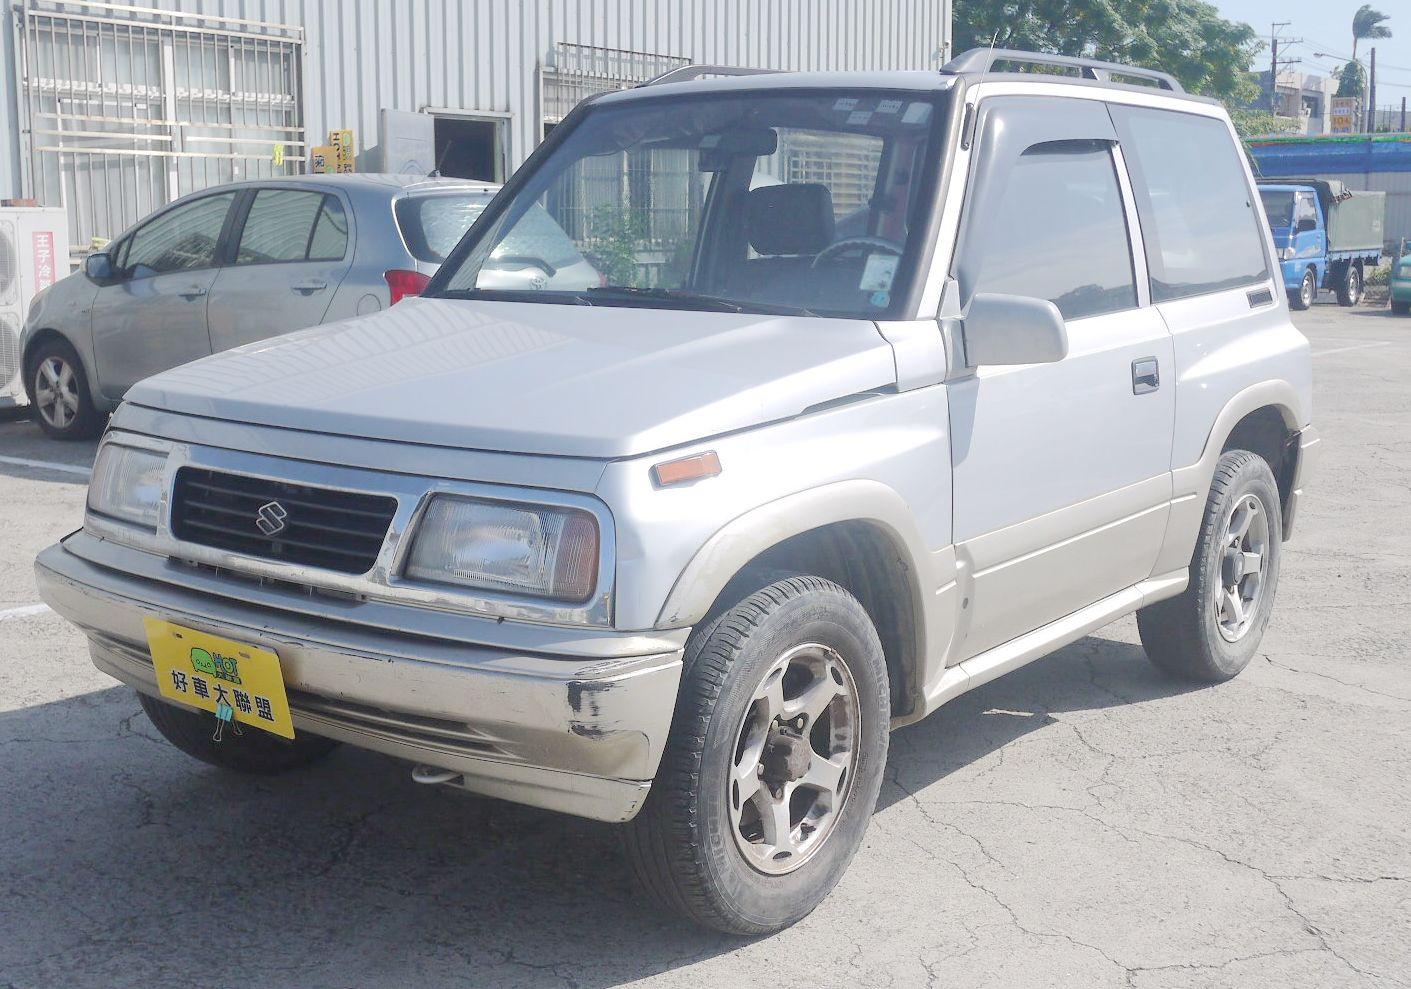 2004 Suzuki 鈴木 其他